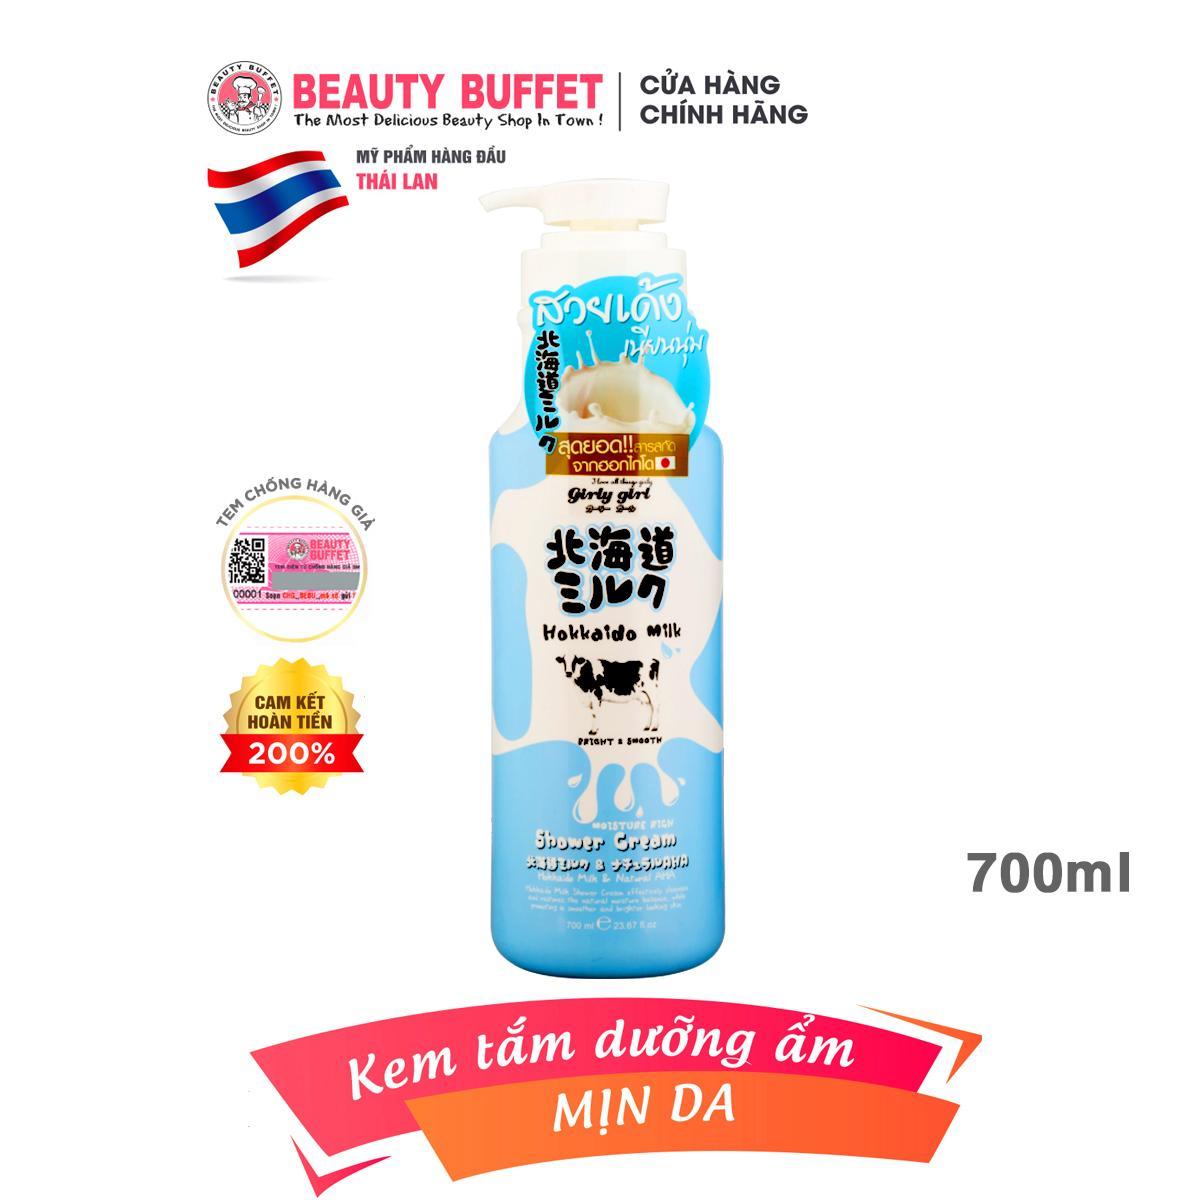 Kem tắm dưỡng ẩm và sáng mịn da từ Protein sữa Girly Girl Hokkaido 700ml cao cấp